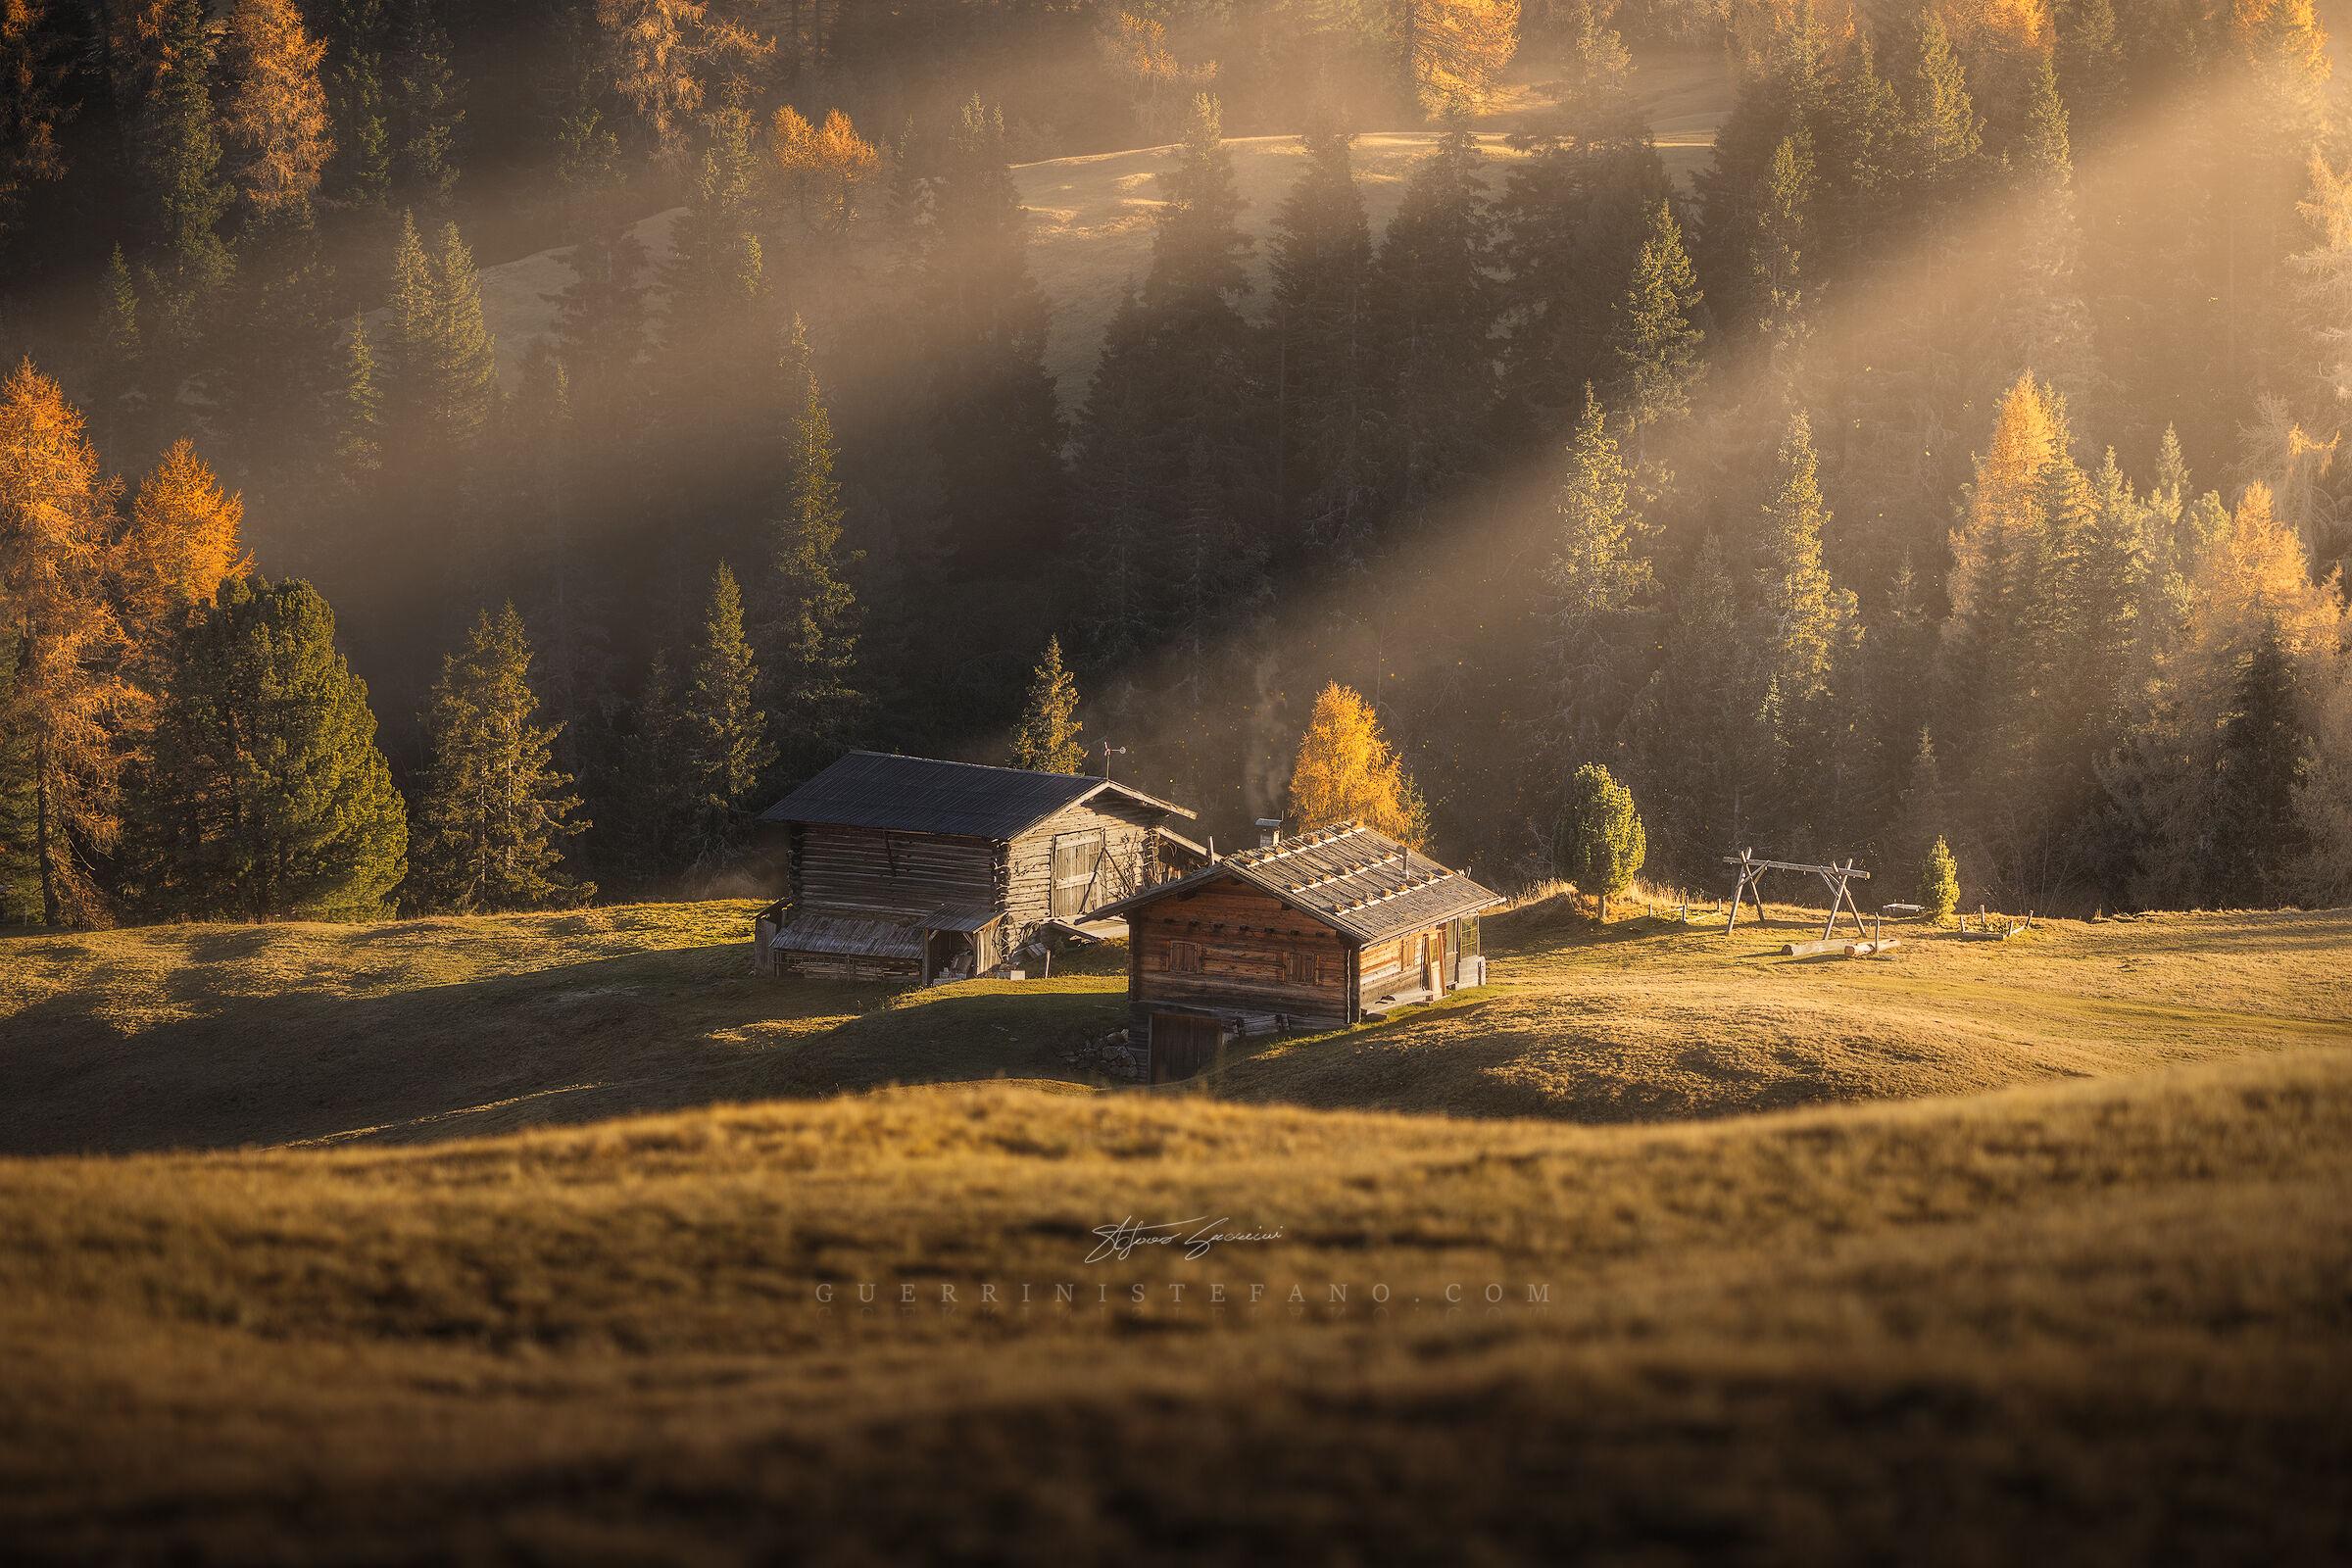 Huts in autumn - Trentino Alto Adige...